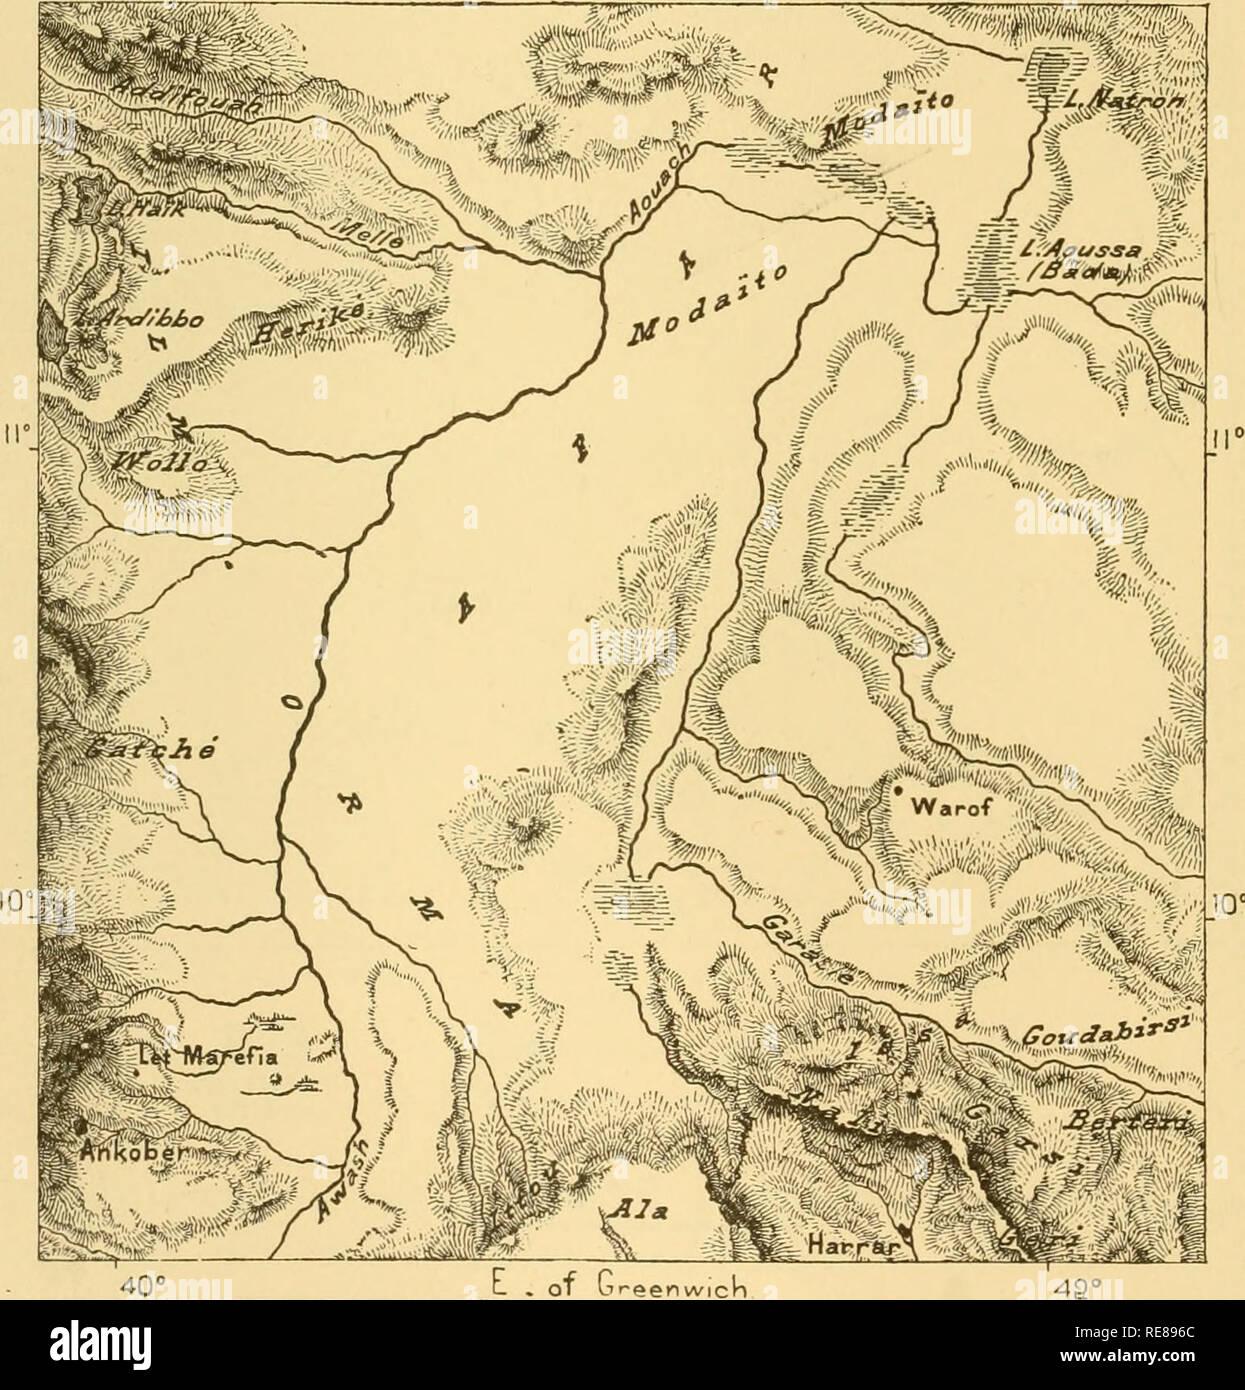 . La terra e i suoi abitanti ... La geografia. 206 NORD-EST ATEICA. raccolta di più di un migliaio di capanne dove sono collocati i mercanti e cammello- driver della Modaïto Danakil tribù e una volta era la capitale del regno Mussulman di Adel. Da Aussa alla Baia Tajurah seguire in successione di numerosi altri gruppi di cabine anche appartenenti alla tribù Afar e sulla sponda settentrionale della baia è delimitata da largamente sparsi borghi e villaggi. Tra gli altri è quello di Sangalo, che viene servita fino a di recente come il porto da dove Galla schiavi erano shiiJjDed in Arabia e che è stata allegata al Immagini Stock